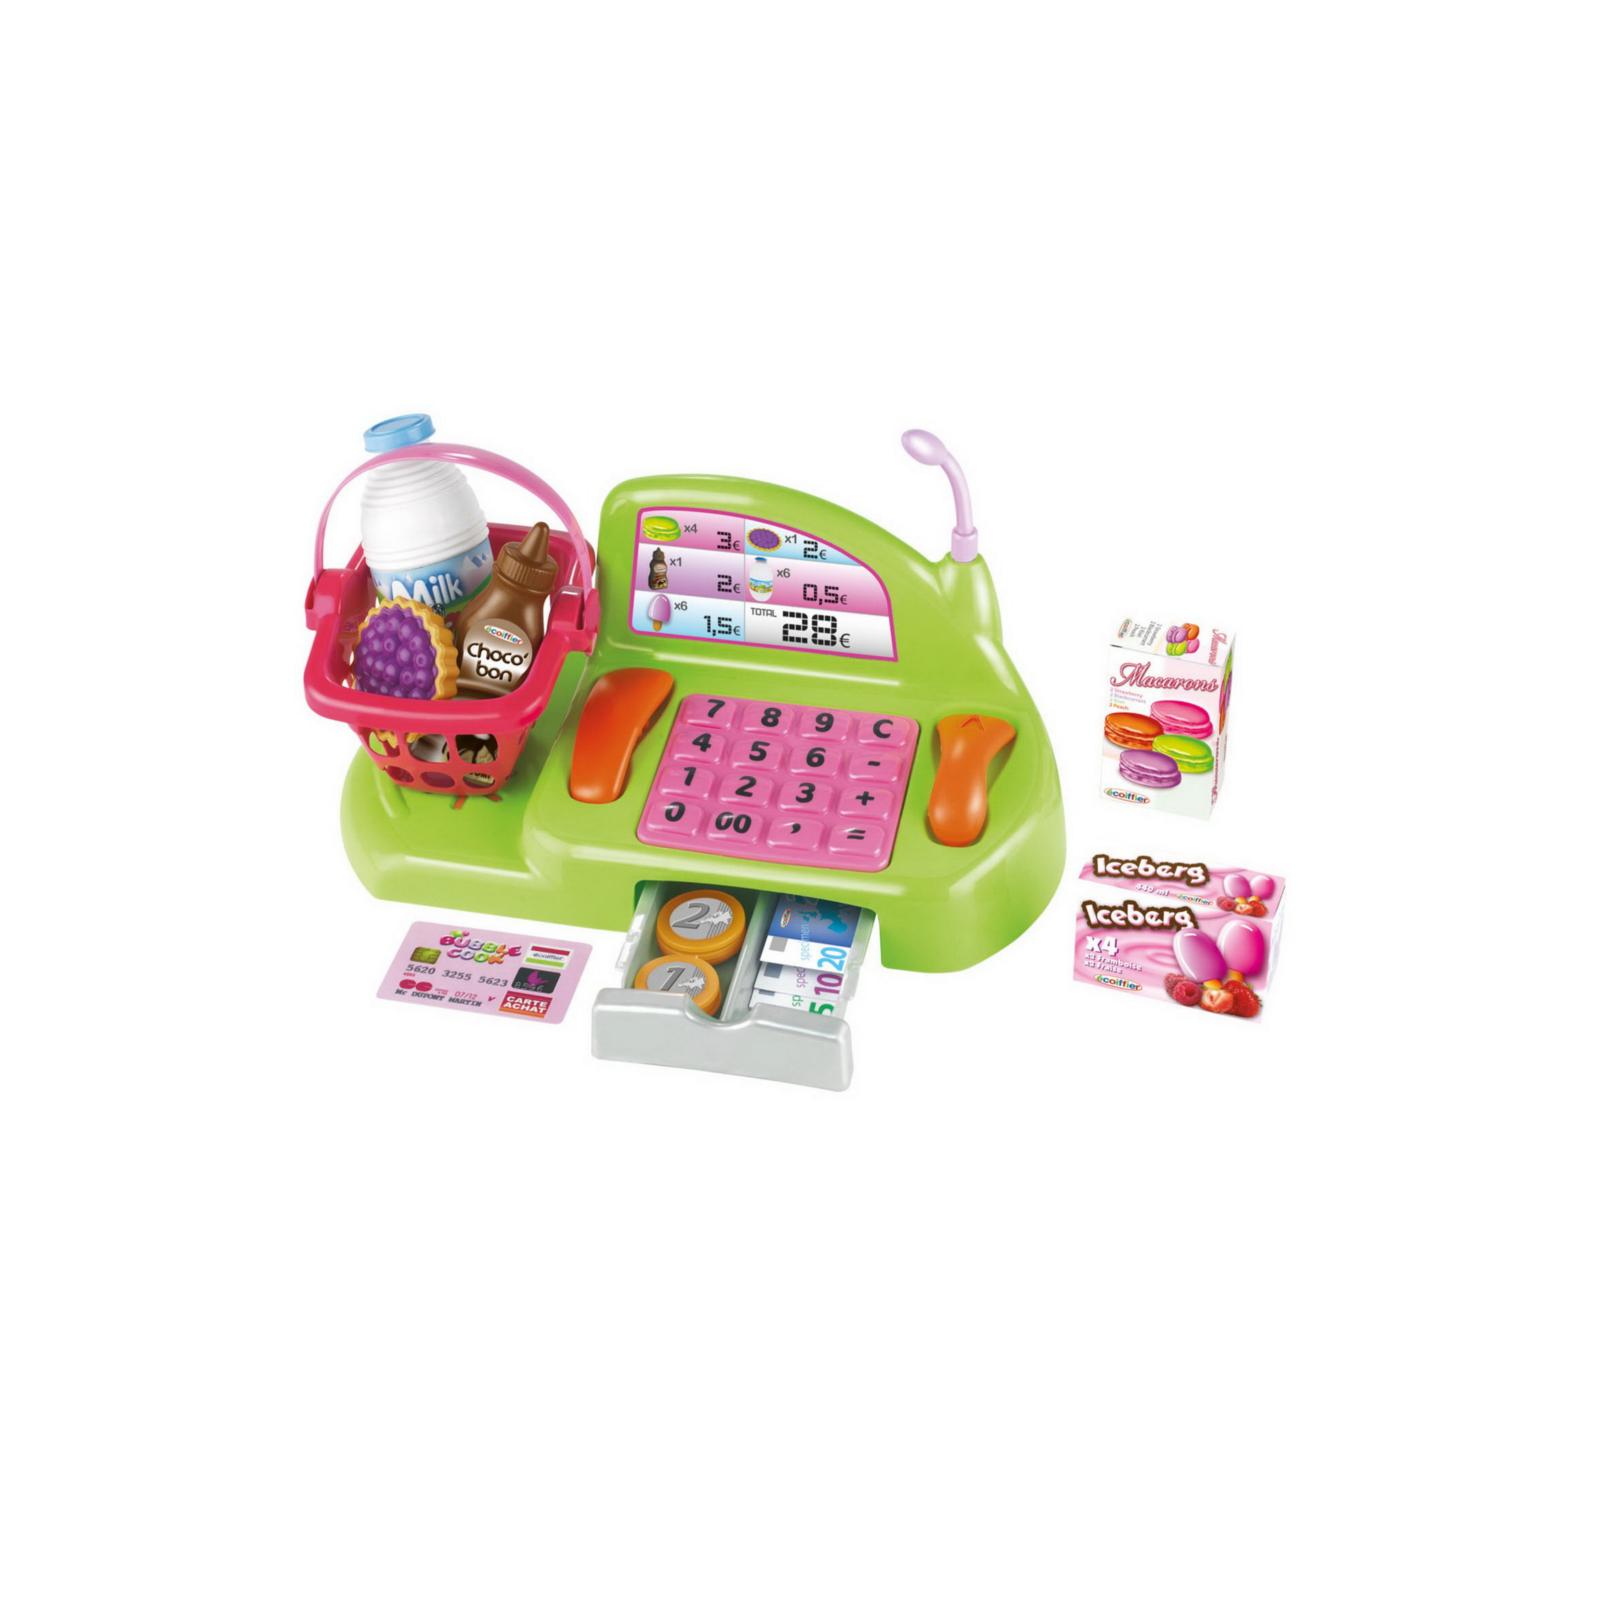 Игровой набор Ecoffier Мини-магазин (26 предметов)<br>